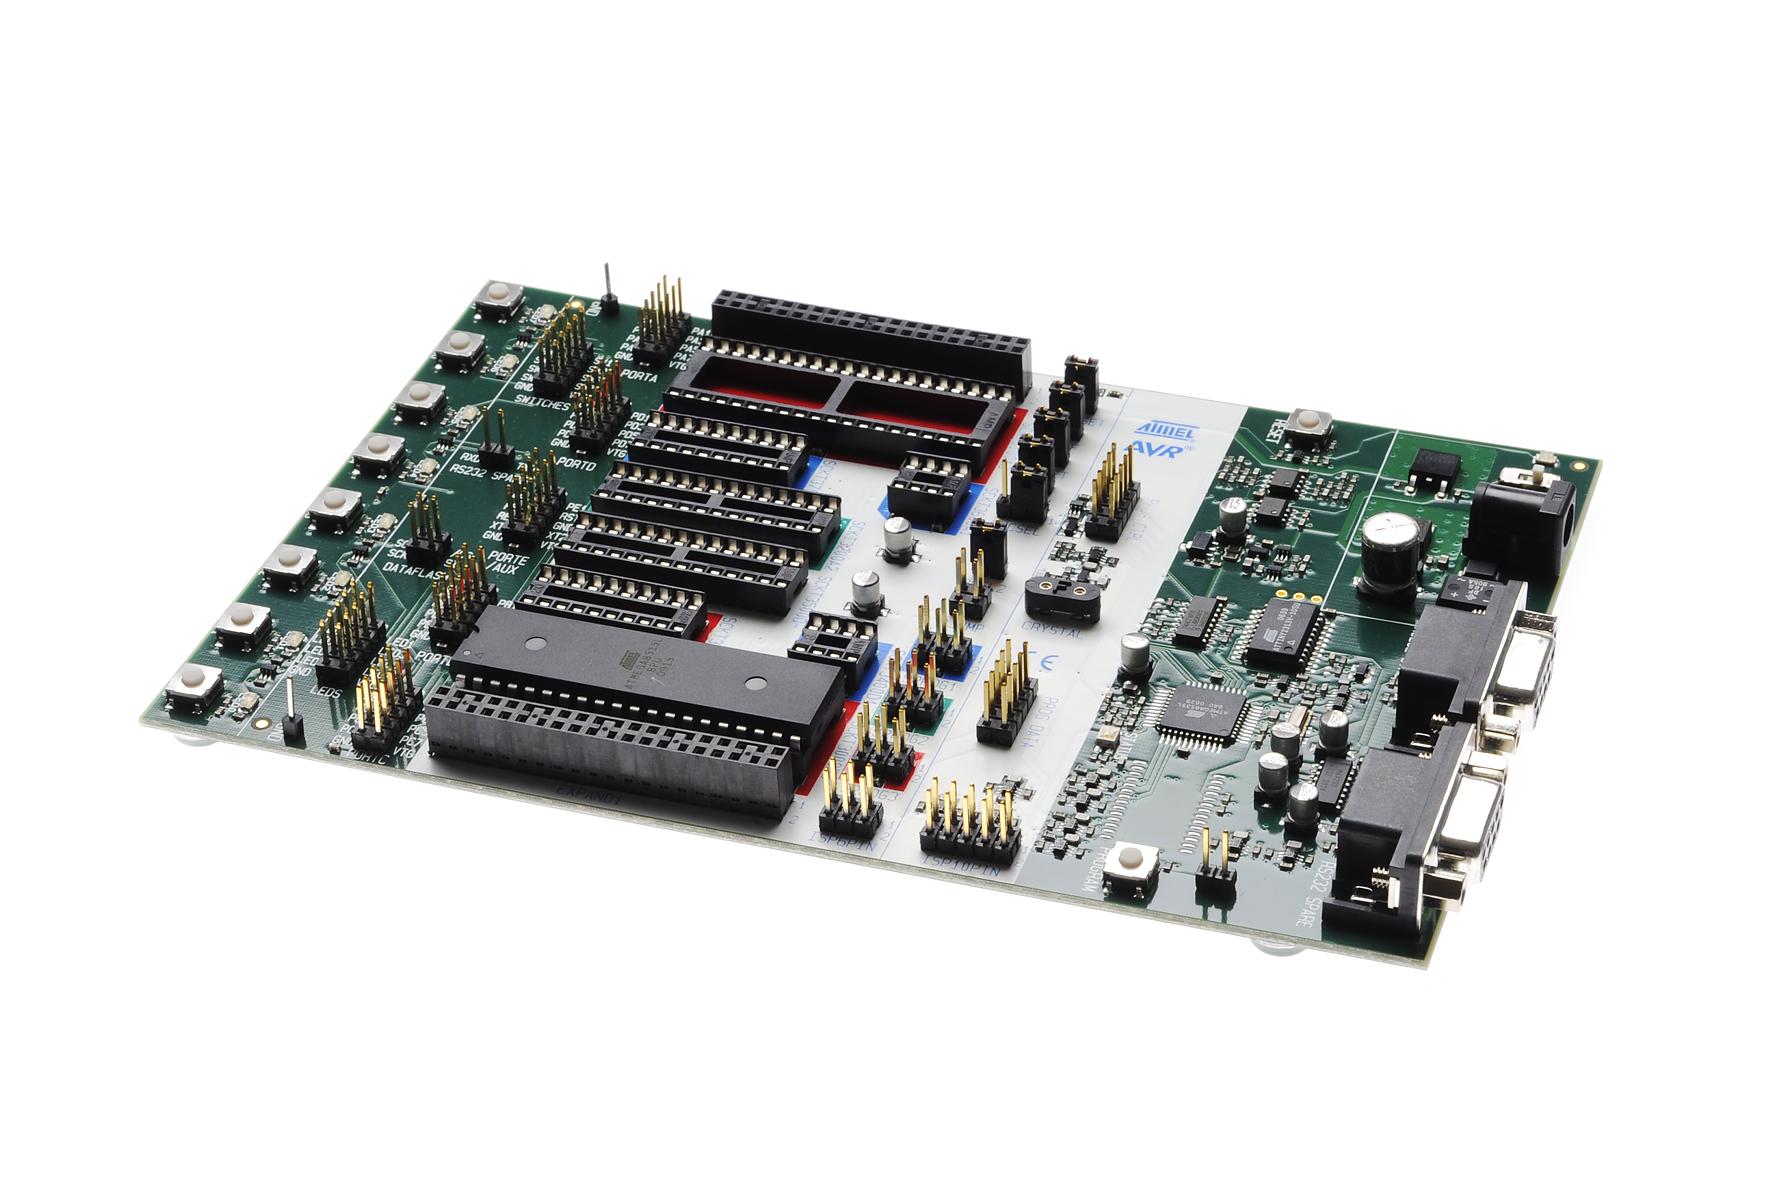 STK500